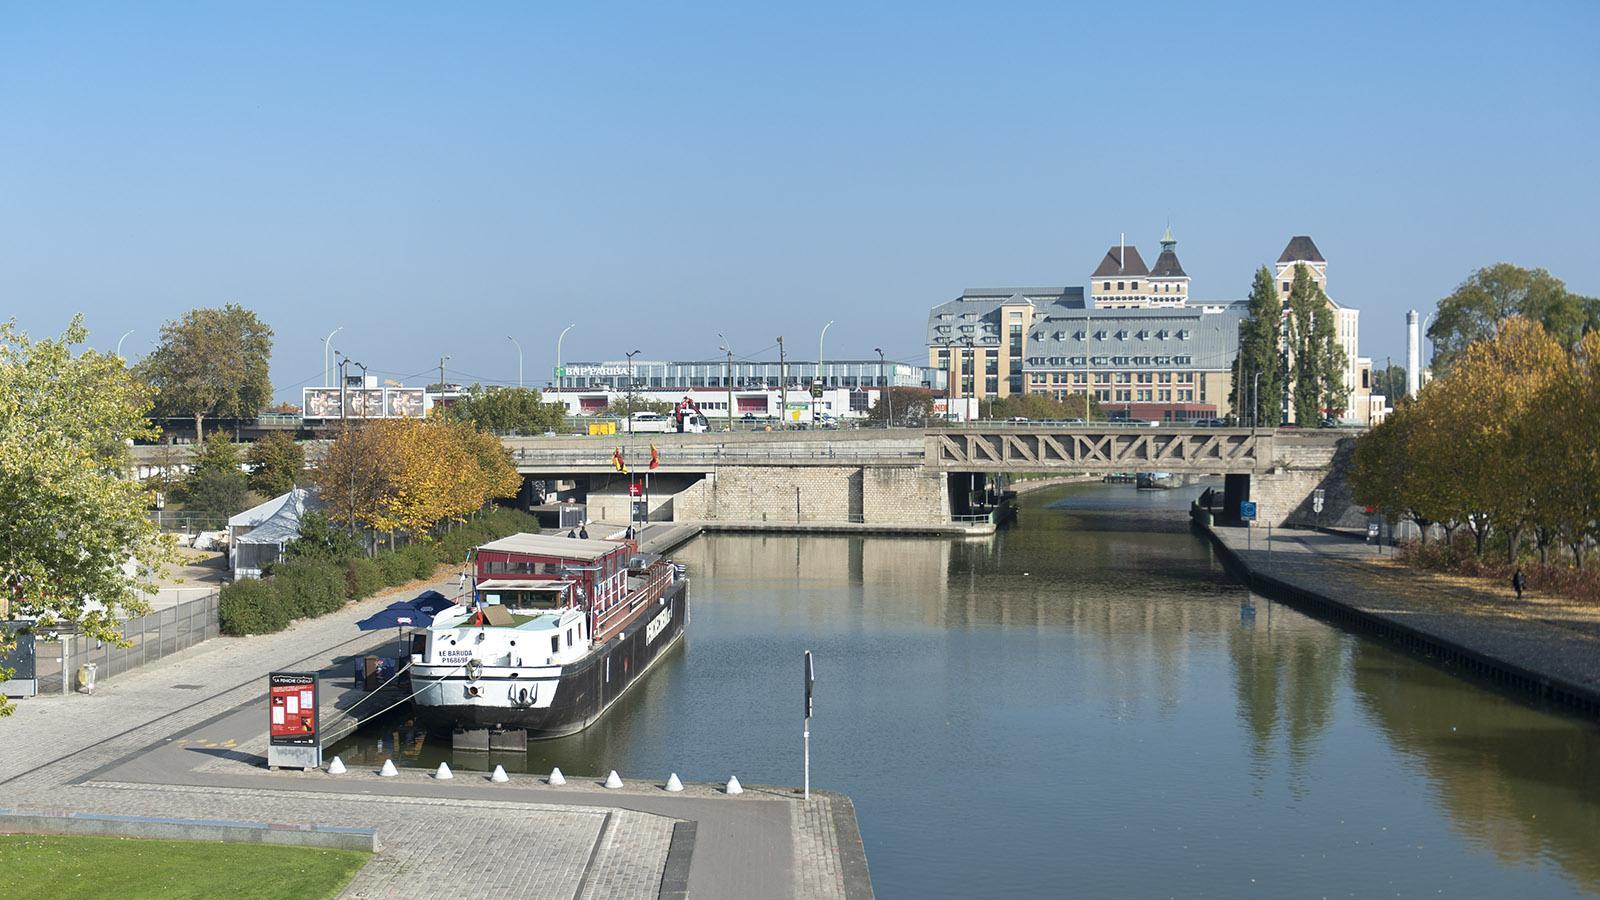 """Traditionelle """"Peniches"""", alte Lastkähne, sind am Ufer von La Villette vertäut. Foto: Hilke Maunder"""